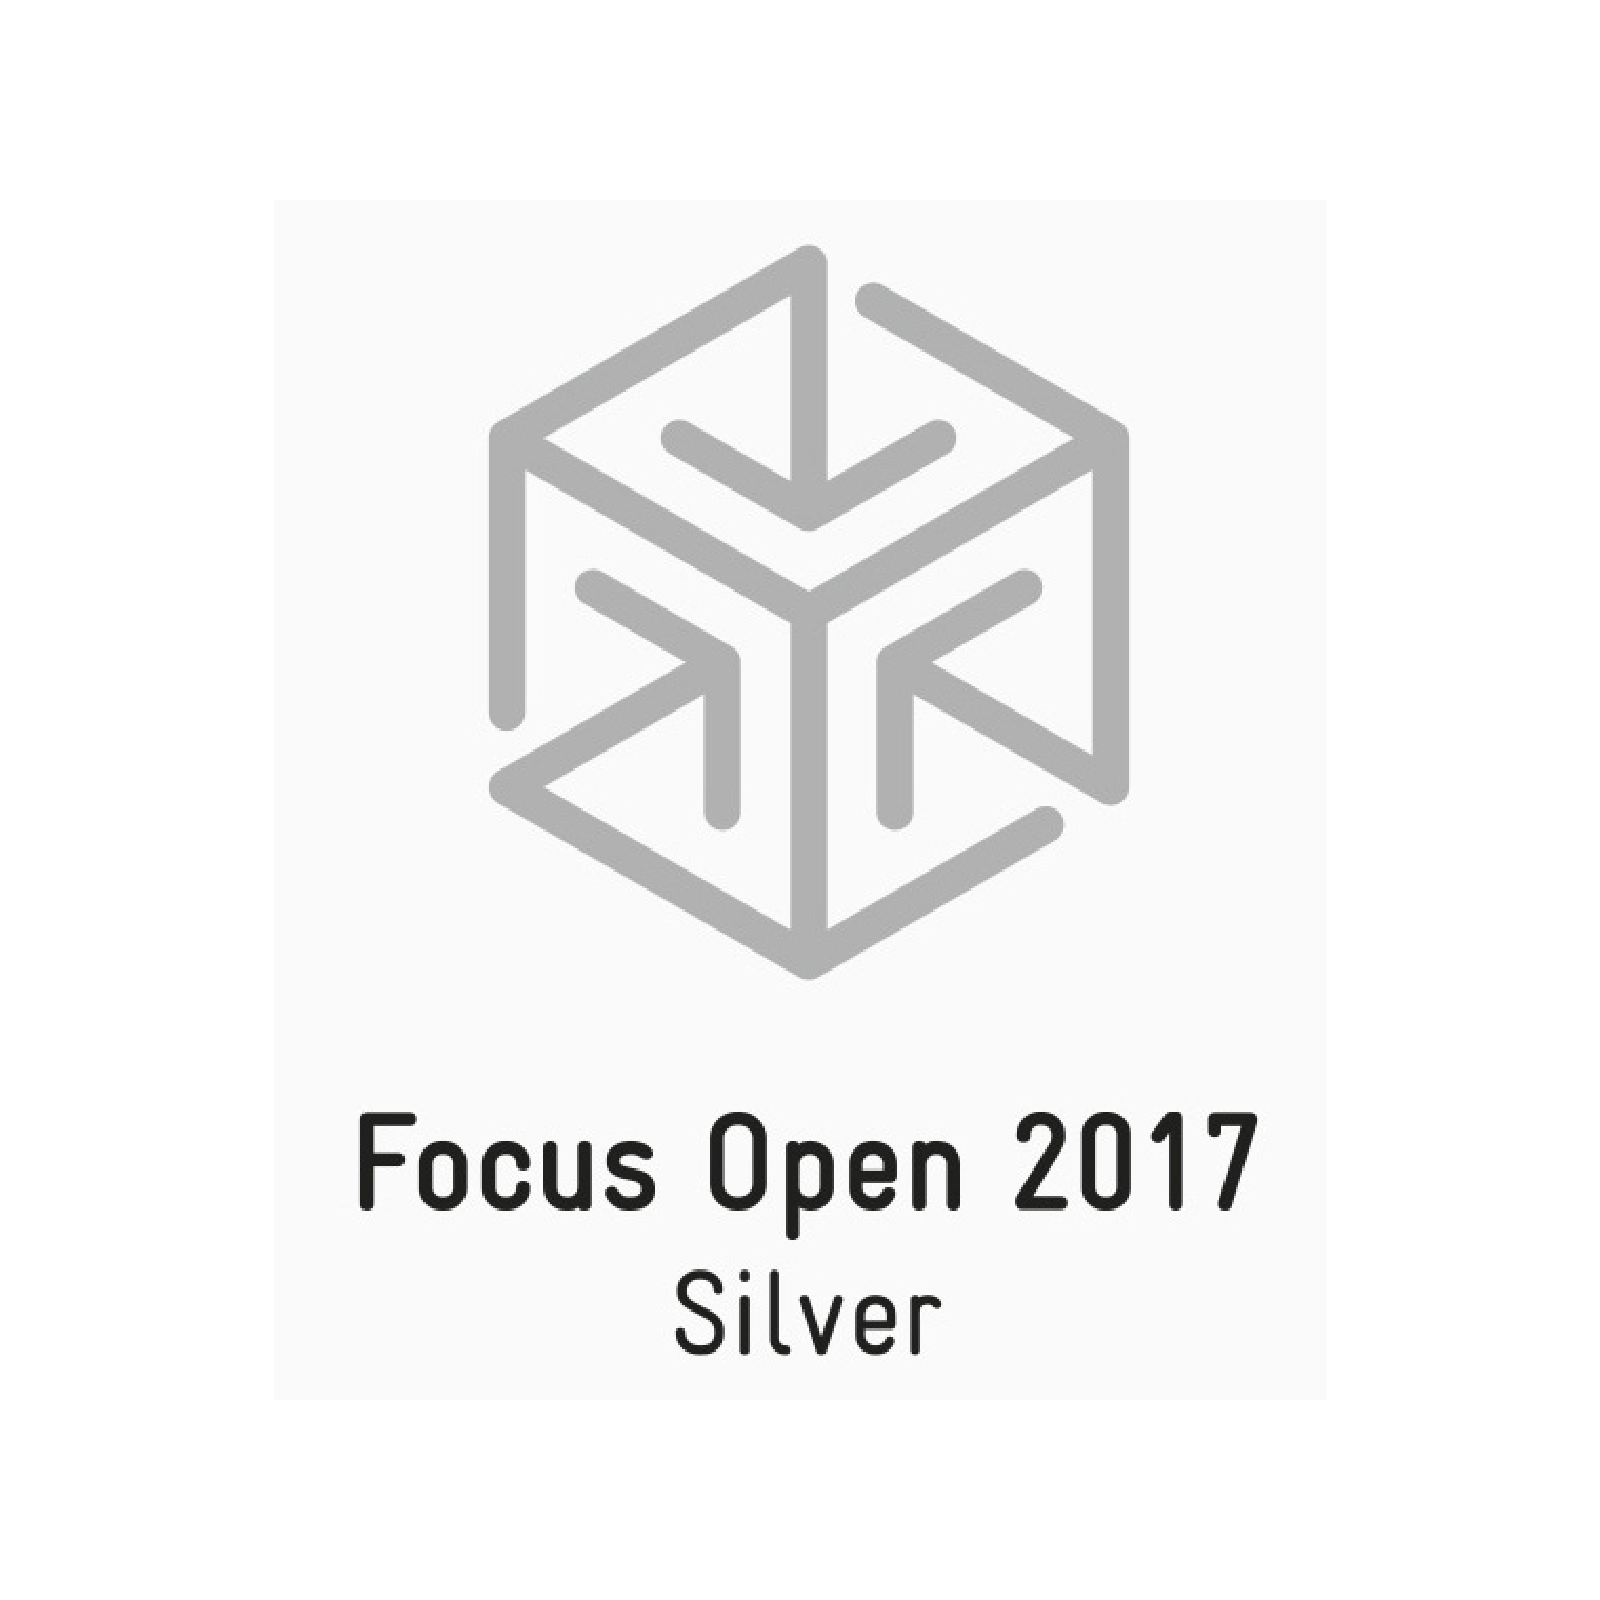 Focus Open 2017 Silver